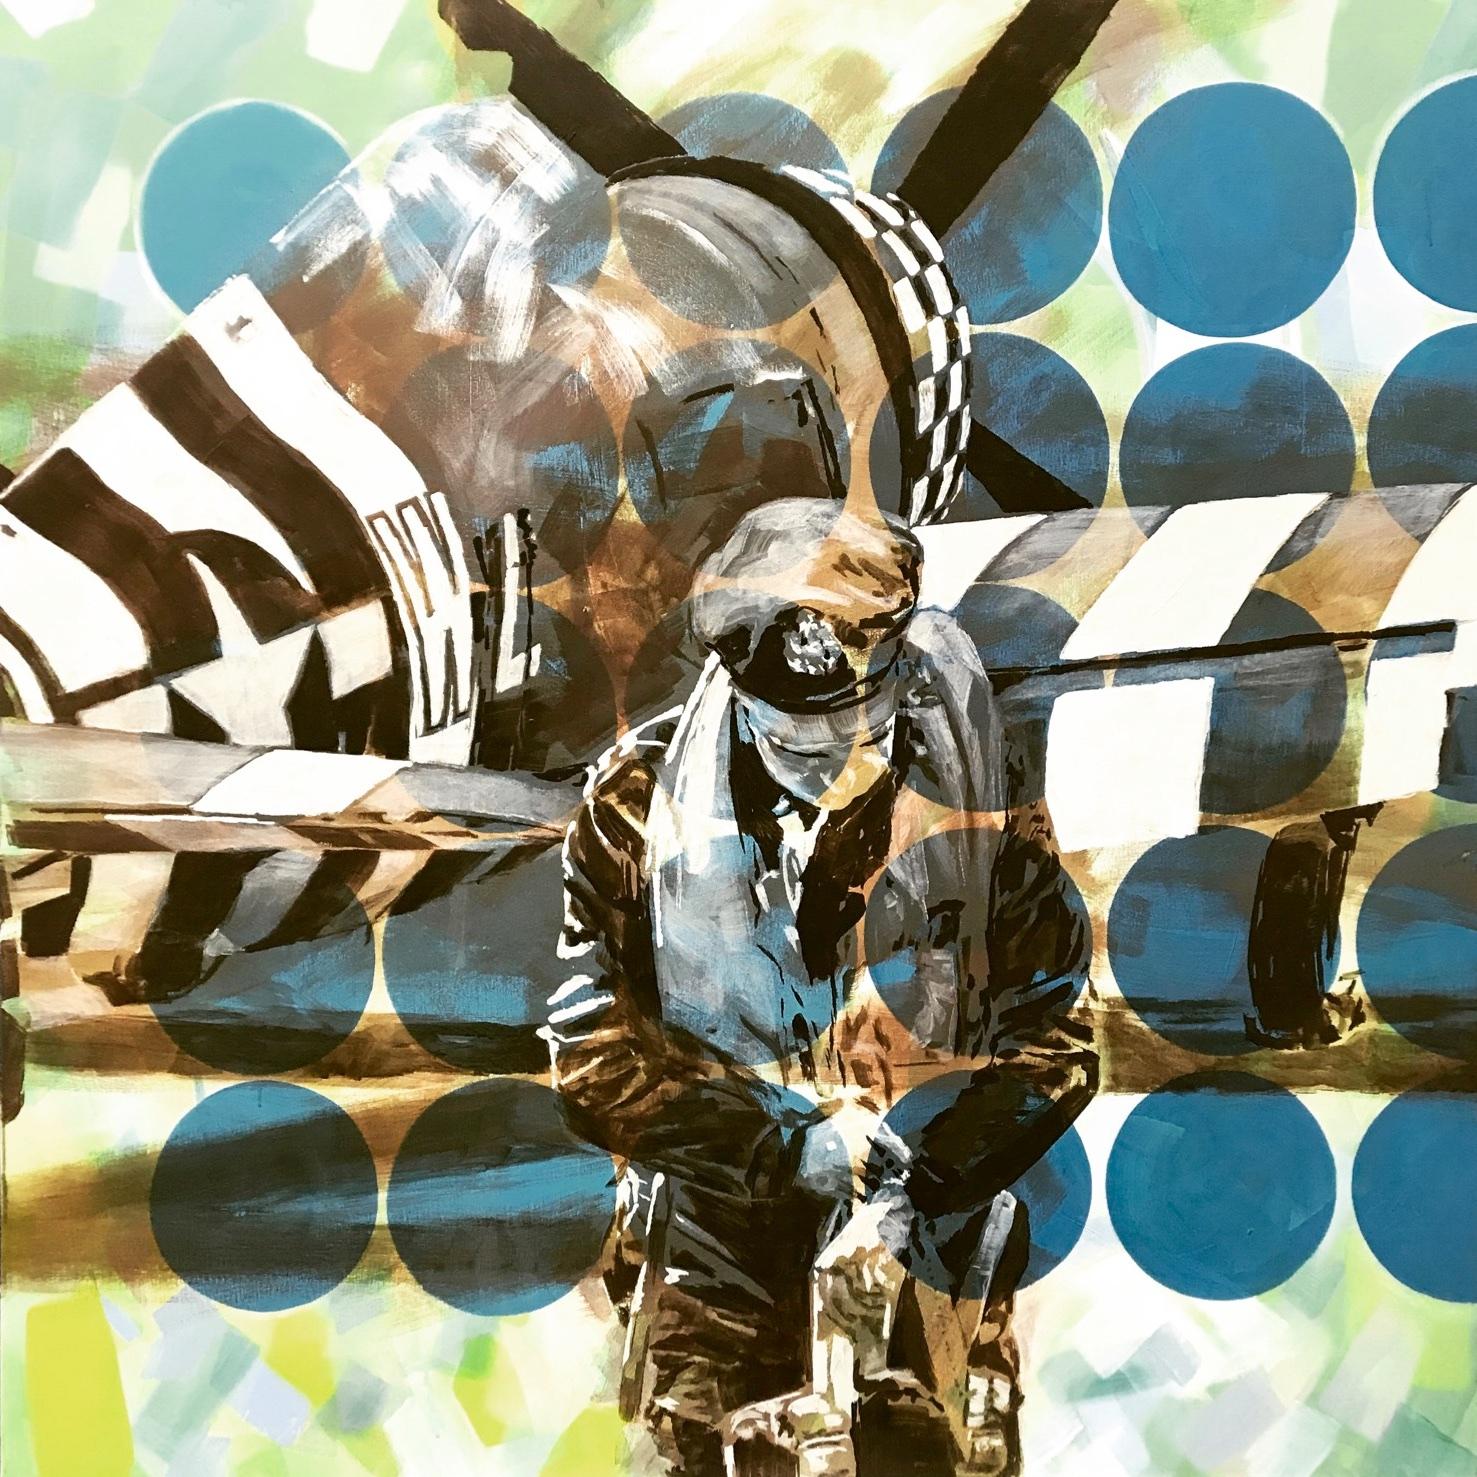 Mann blickt auf Uhr vor Flugzeug